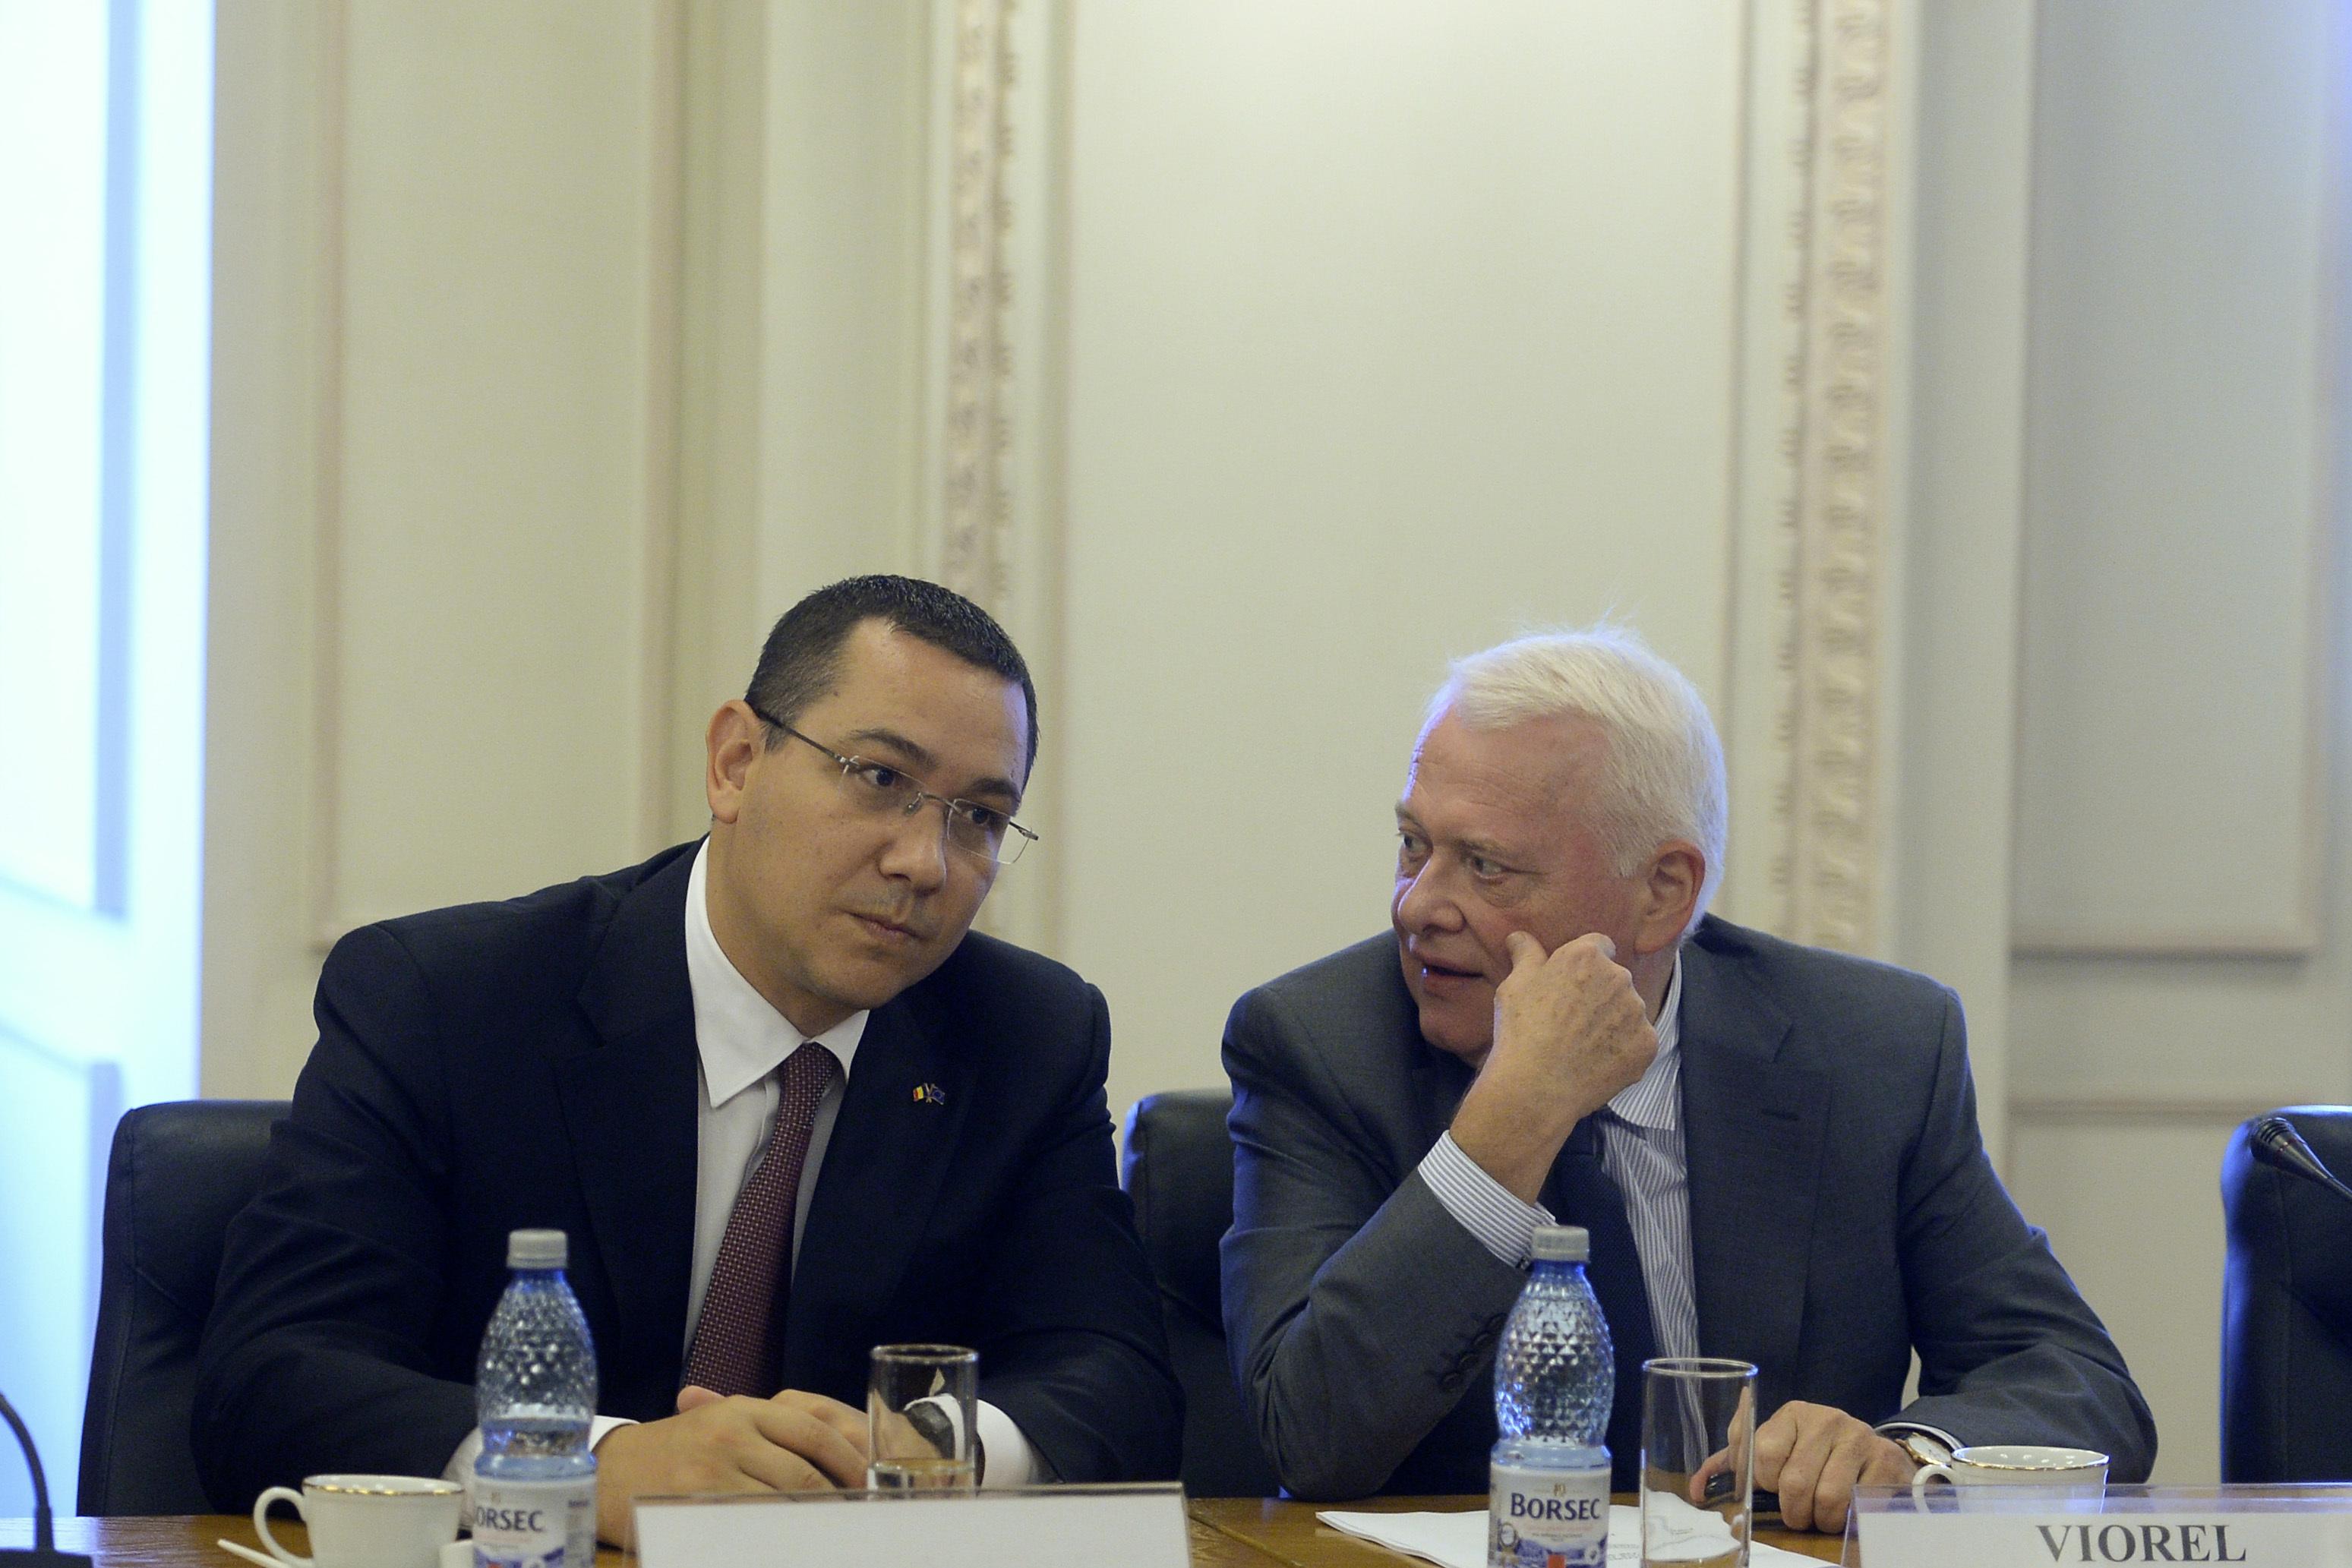 REACTIA lui Ponta, dupa ce DNA a anuntat un nou dosar in care sunt vizati Hrebenciuc si Sova